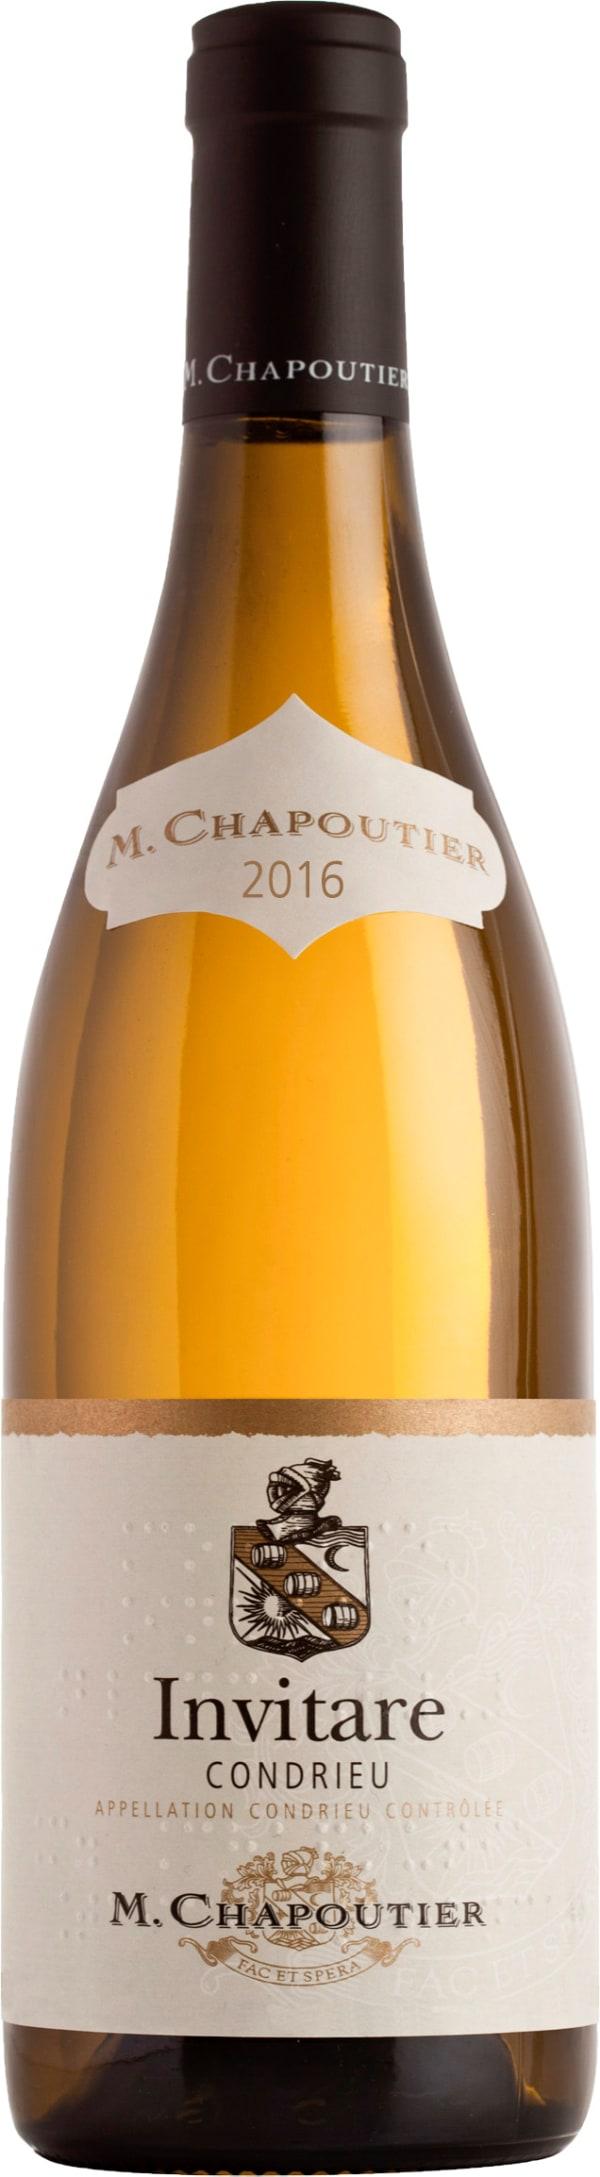 M. Chapoutier Condrieu Invitare 2016